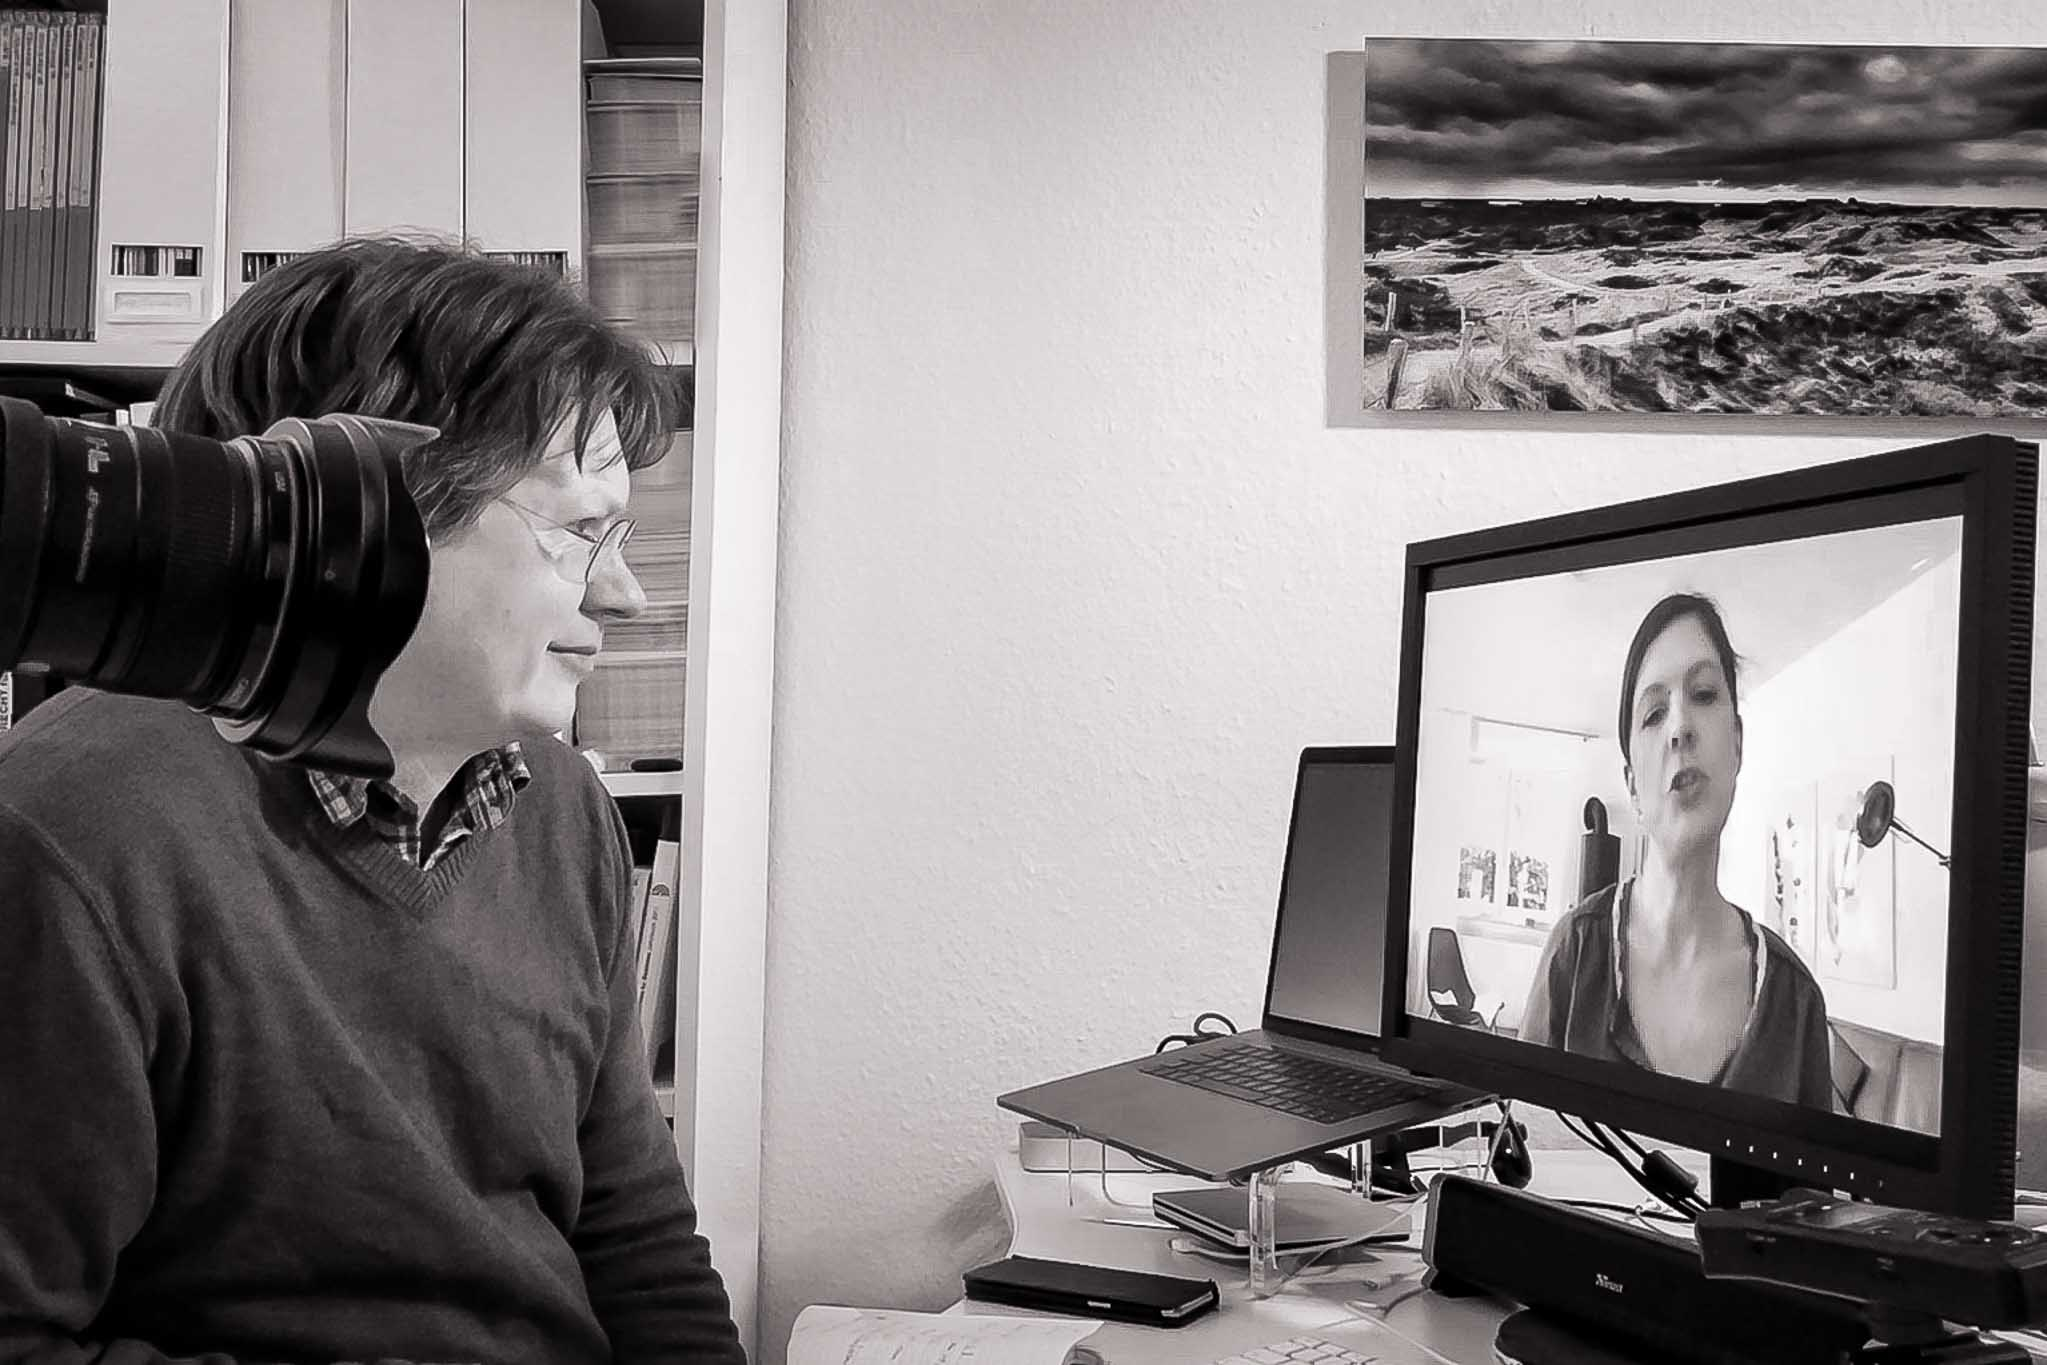 Burkhard vor dem Bildschirm in der Videokonferenz mit Julia